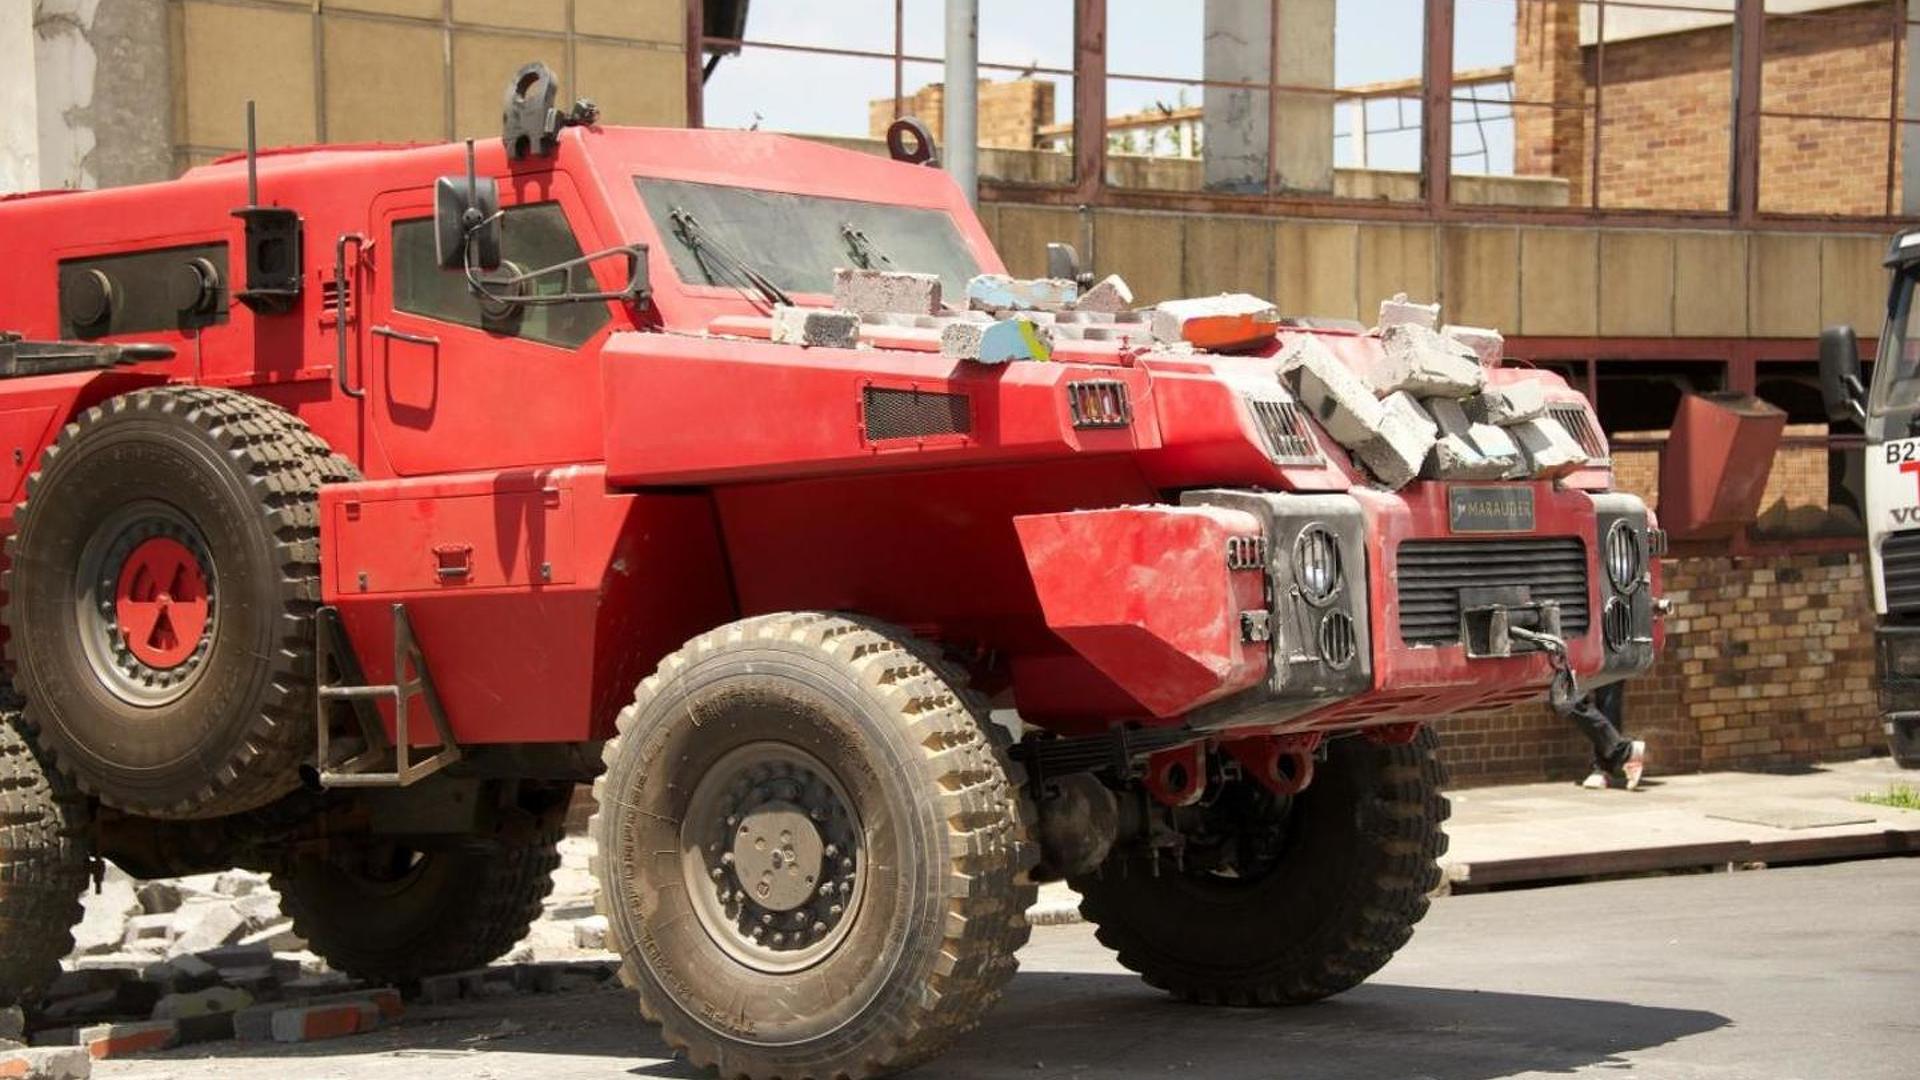 Vehículo blindado merodeador presentado en Top Gear-blindajes nacionales